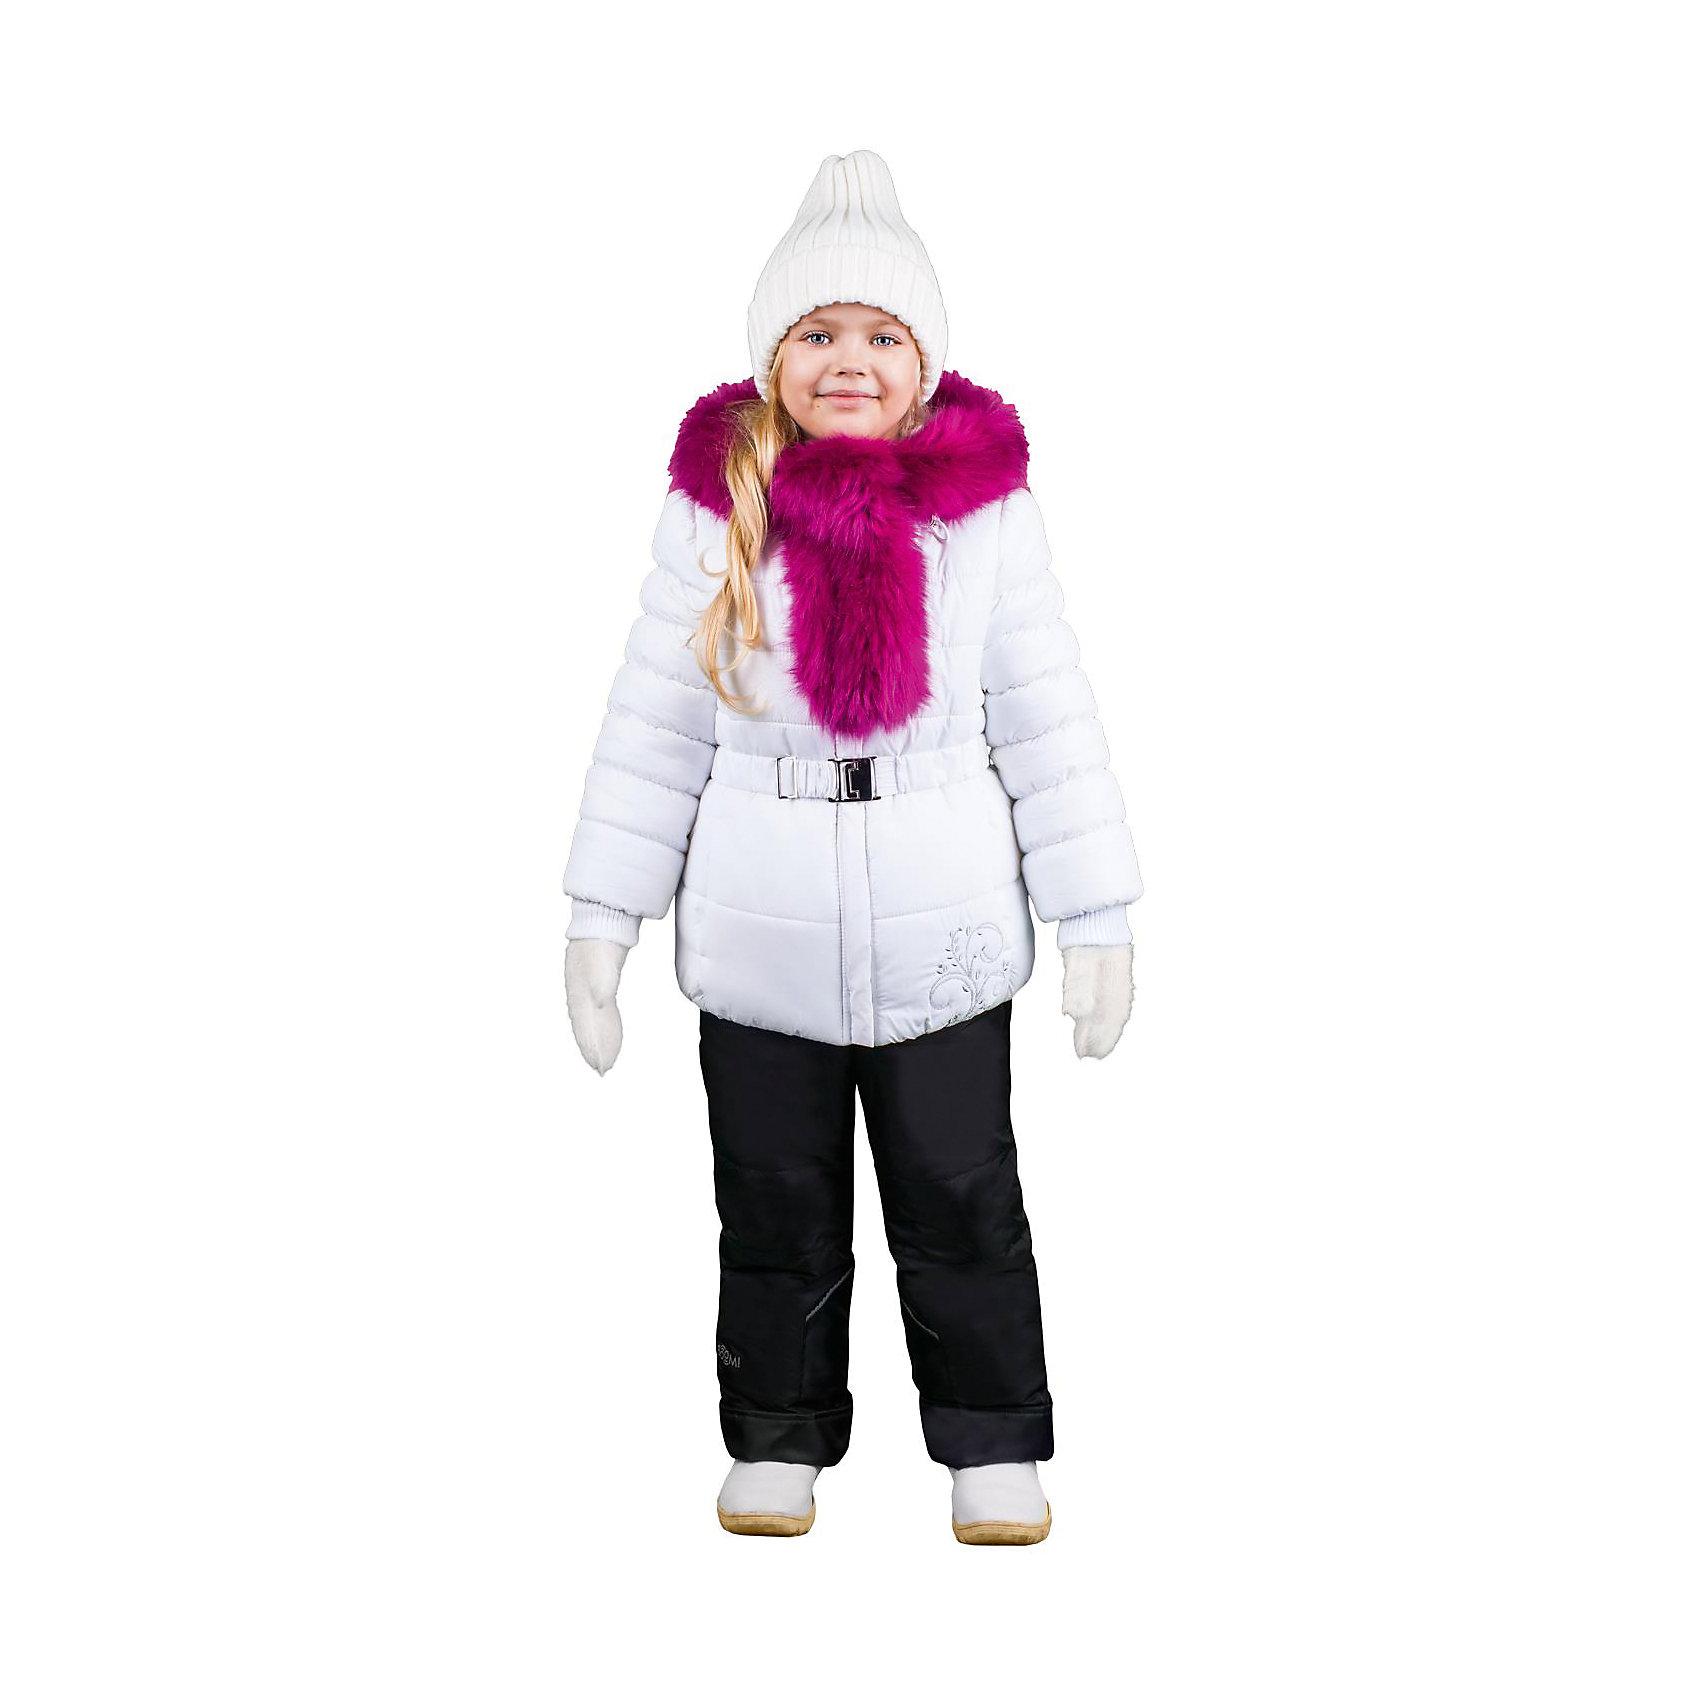 Комплект: куртка и брюки для девочки BOOM by OrbyХарактеристики изделия:<br><br>- комплектация: куртка, комбинезон, муфта;<br>- материал верха: мягкая болонь;<br>- подкладка: ПЭ, флис;<br>- утеплитель: Flexy Fiber 400 г/м2, <br>- отделка: вязаное полотно, искусственный мех;<br>- фурнитура: металл, пластик;<br>- застежка: молния;<br>- воротник;<br>- защита подбородка;<br>- клапан от ветра;<br>- вышивка на куртке;<br>- температурный режим до -30°С<br><br><br>В холодный сезон девочки хотят одеваться не только тепло, но и модно. Этот стильный и теплый комплект позволит ребенку наслаждаться зимним отдыхом, не боясь замерзнуть, и выглядеть при этом очень симпатично.<br>Теплая куртка плотно сидит благодаря манжетам и надежным застежкам. Она смотрится очень эффектно благодаря пушистому воротнику. Полукомбинезон дополнен регулируемыми лямками, карманами и манжетами.<br><br>Комплект: курта и брюки для девочки от бренда BOOM by Orby можно купить в нашем магазине.<br><br>Ширина мм: 215<br>Глубина мм: 88<br>Высота мм: 191<br>Вес г: 336<br>Цвет: белый<br>Возраст от месяцев: 36<br>Возраст до месяцев: 48<br>Пол: Женский<br>Возраст: Детский<br>Размер: 104,110,116,98,86,122,92<br>SKU: 4982500